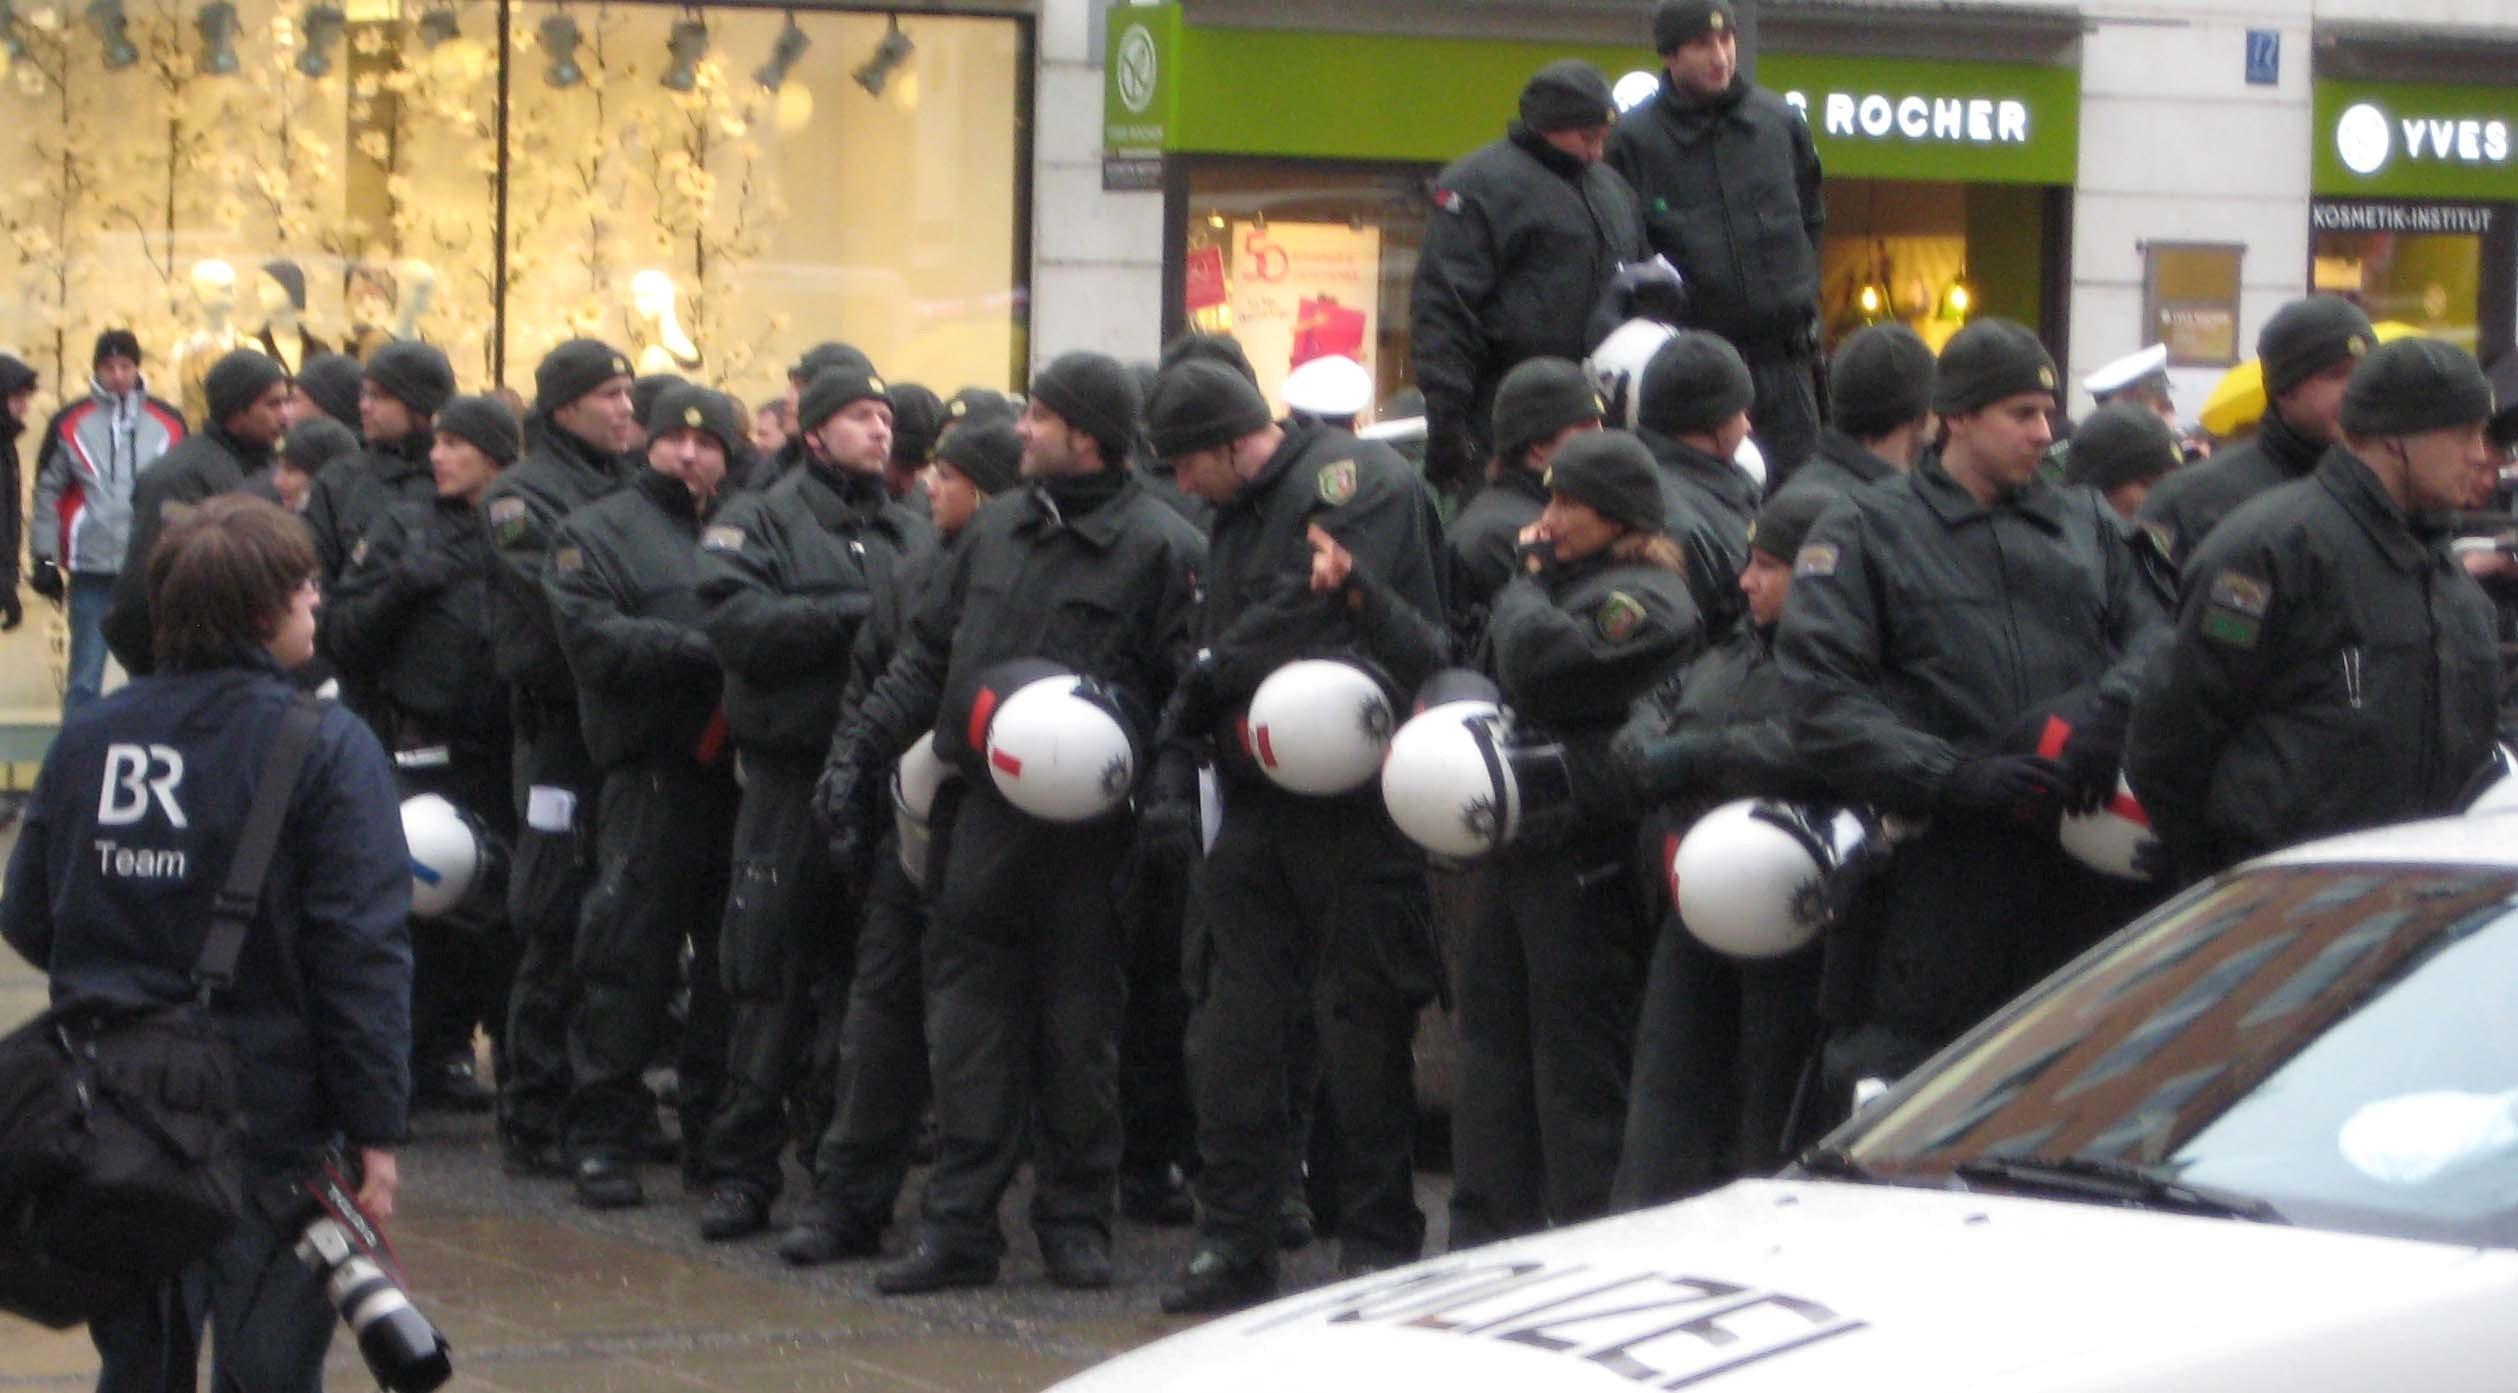 Polizei in Ausgangsstellung